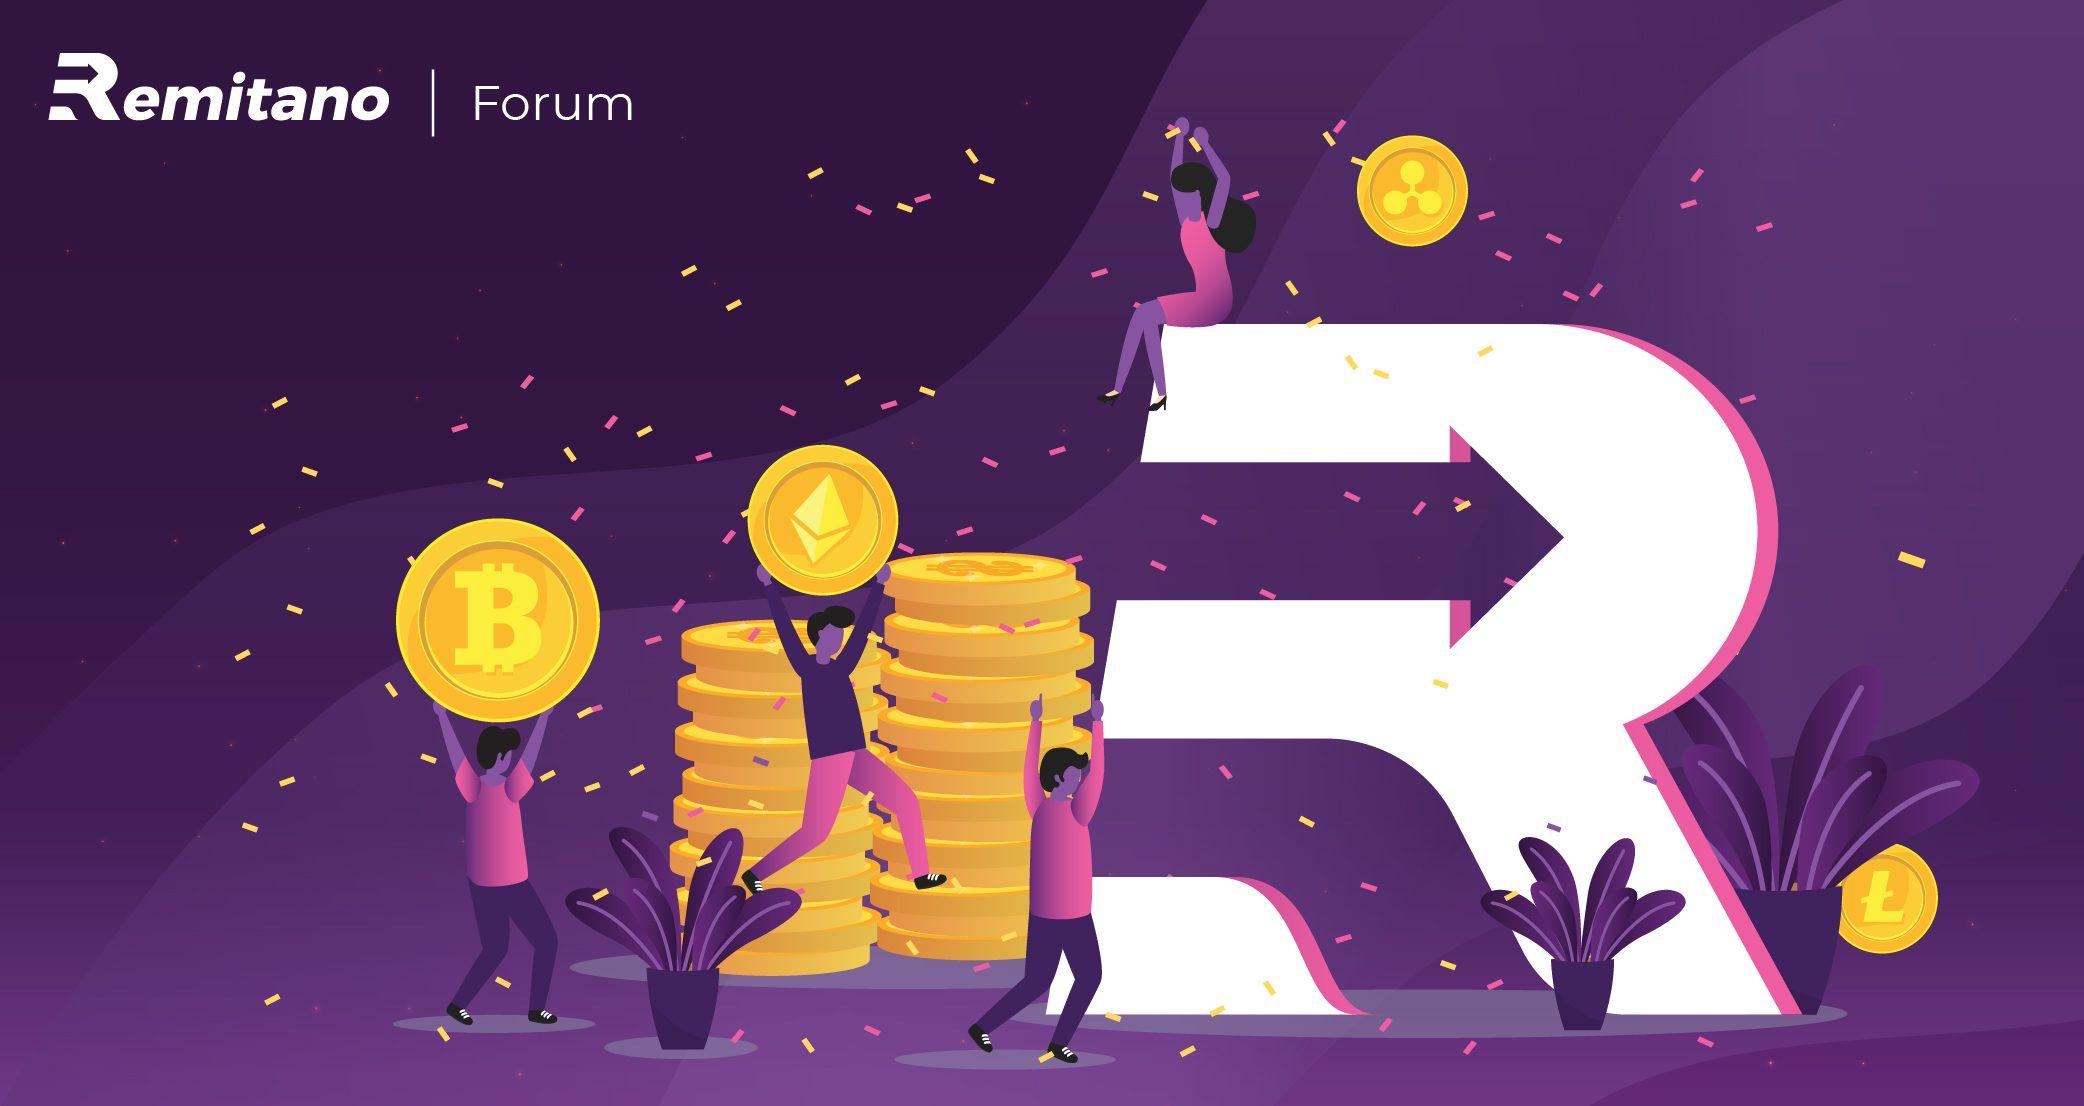 """giá bitcoin: Lật tẩy lý do khiến Forum Remitano là nơi tụ tập """"lý tưởng"""" của cộng đồng tiền ảo"""